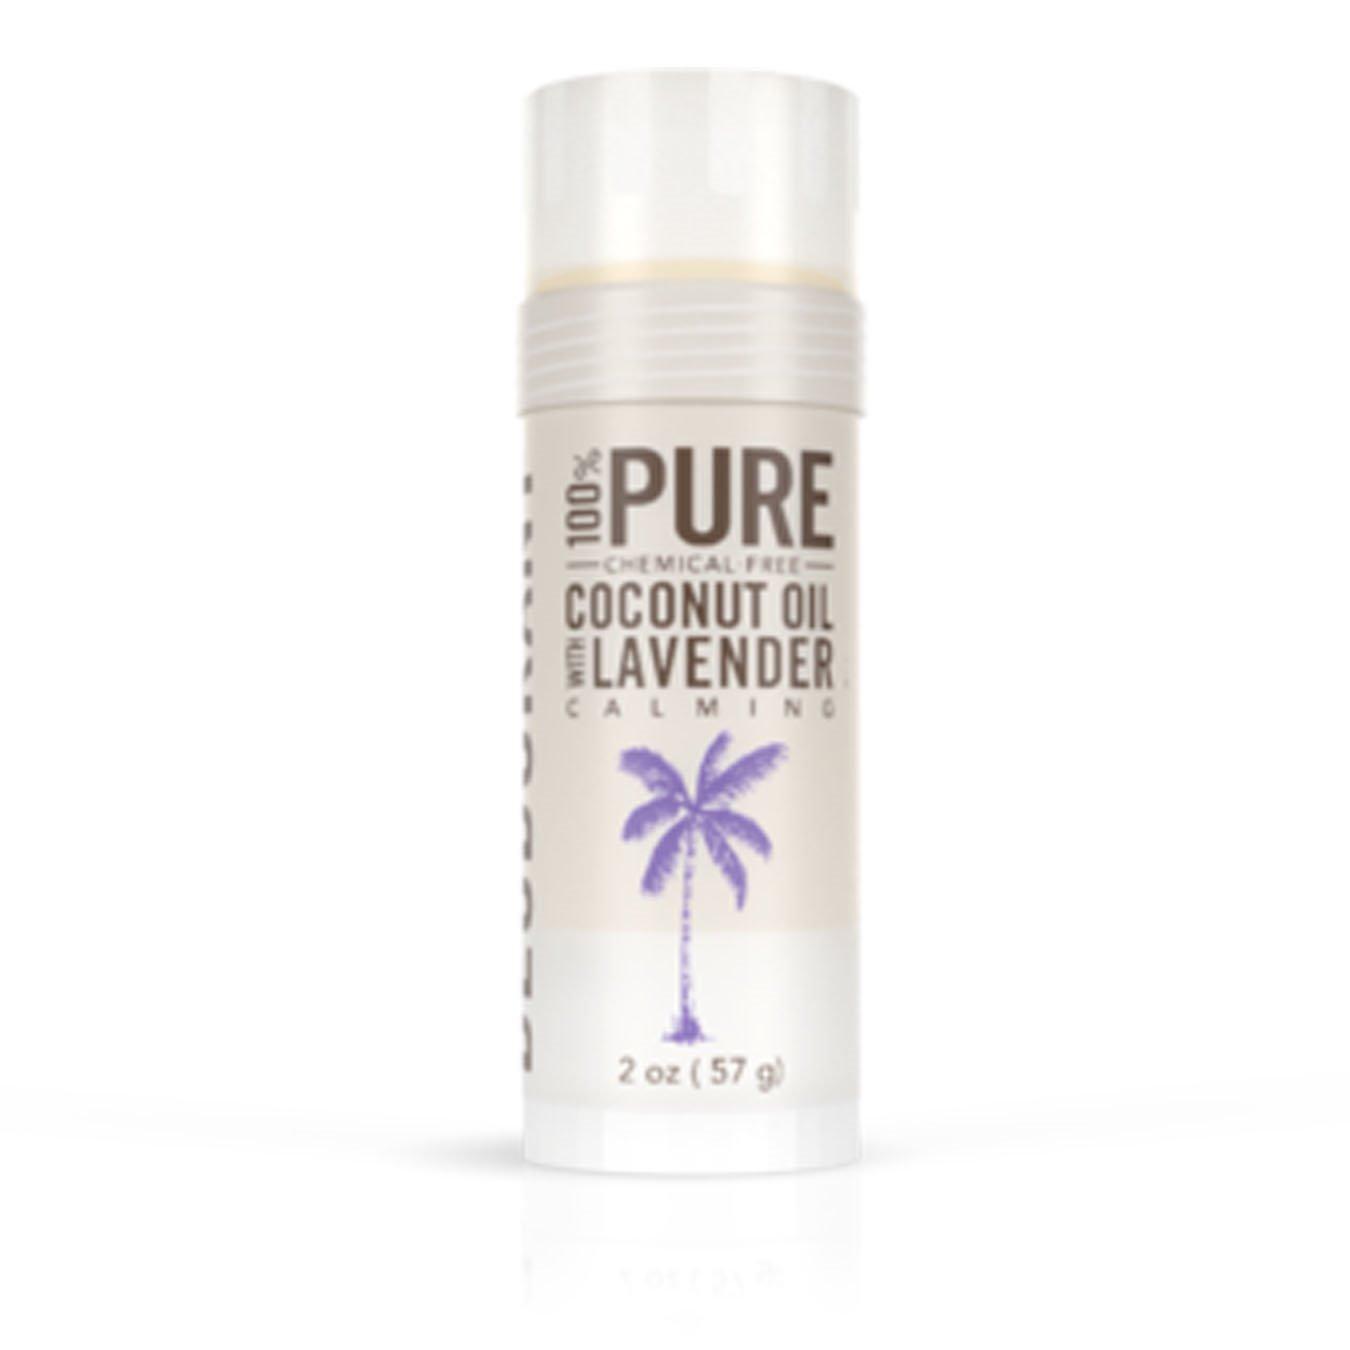 Skinny & Co. Natural Deodorant- Coconut Oil & Lavender (2 oz.)